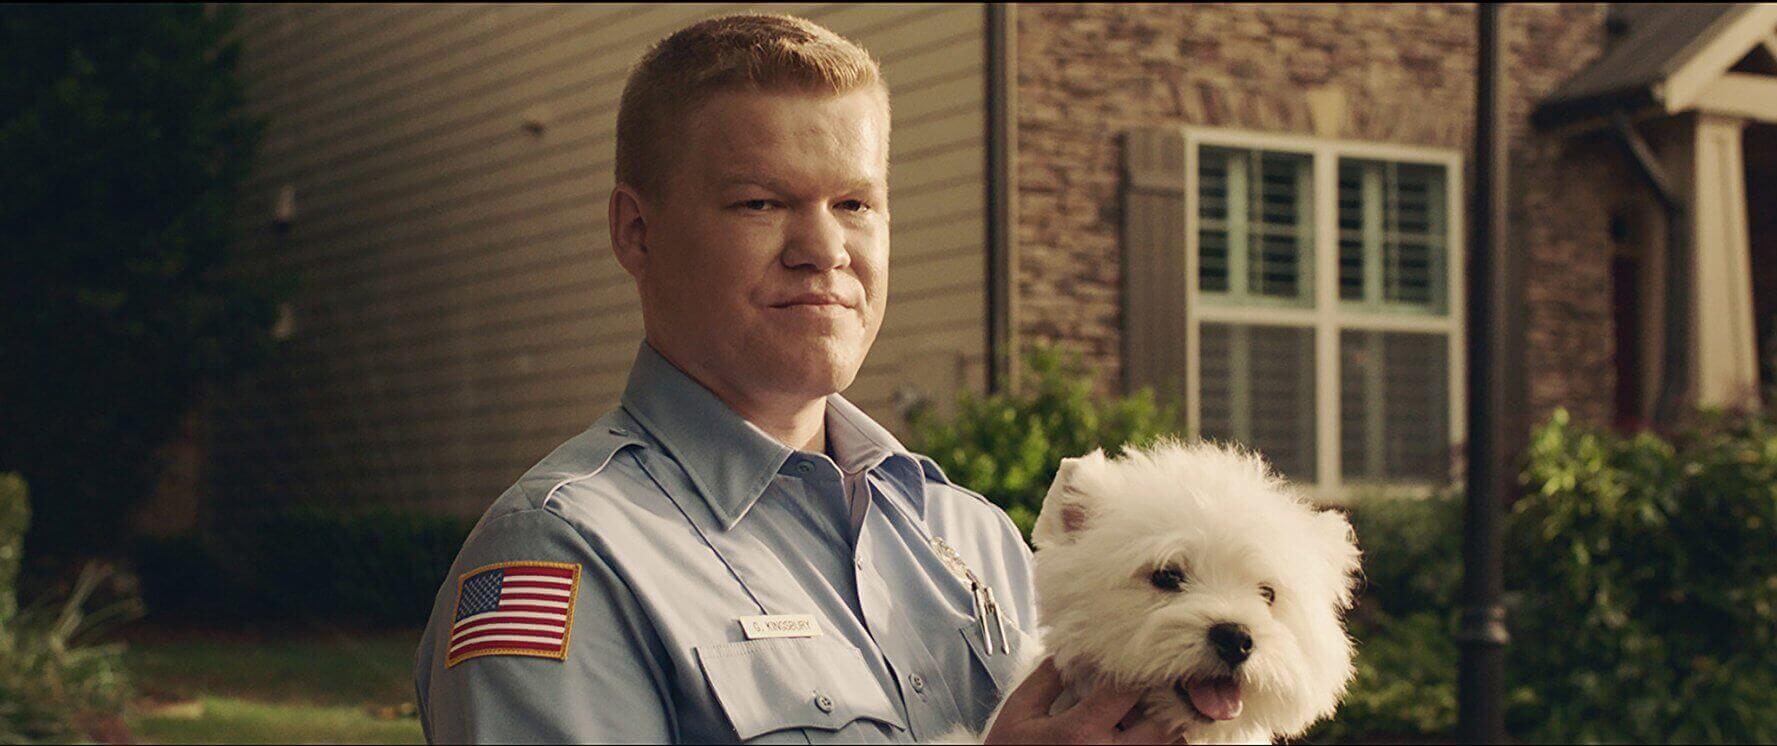 傑西普萊蒙-在《 遊戲夜殺必死 》 飾演行為怪異的警察鄰居